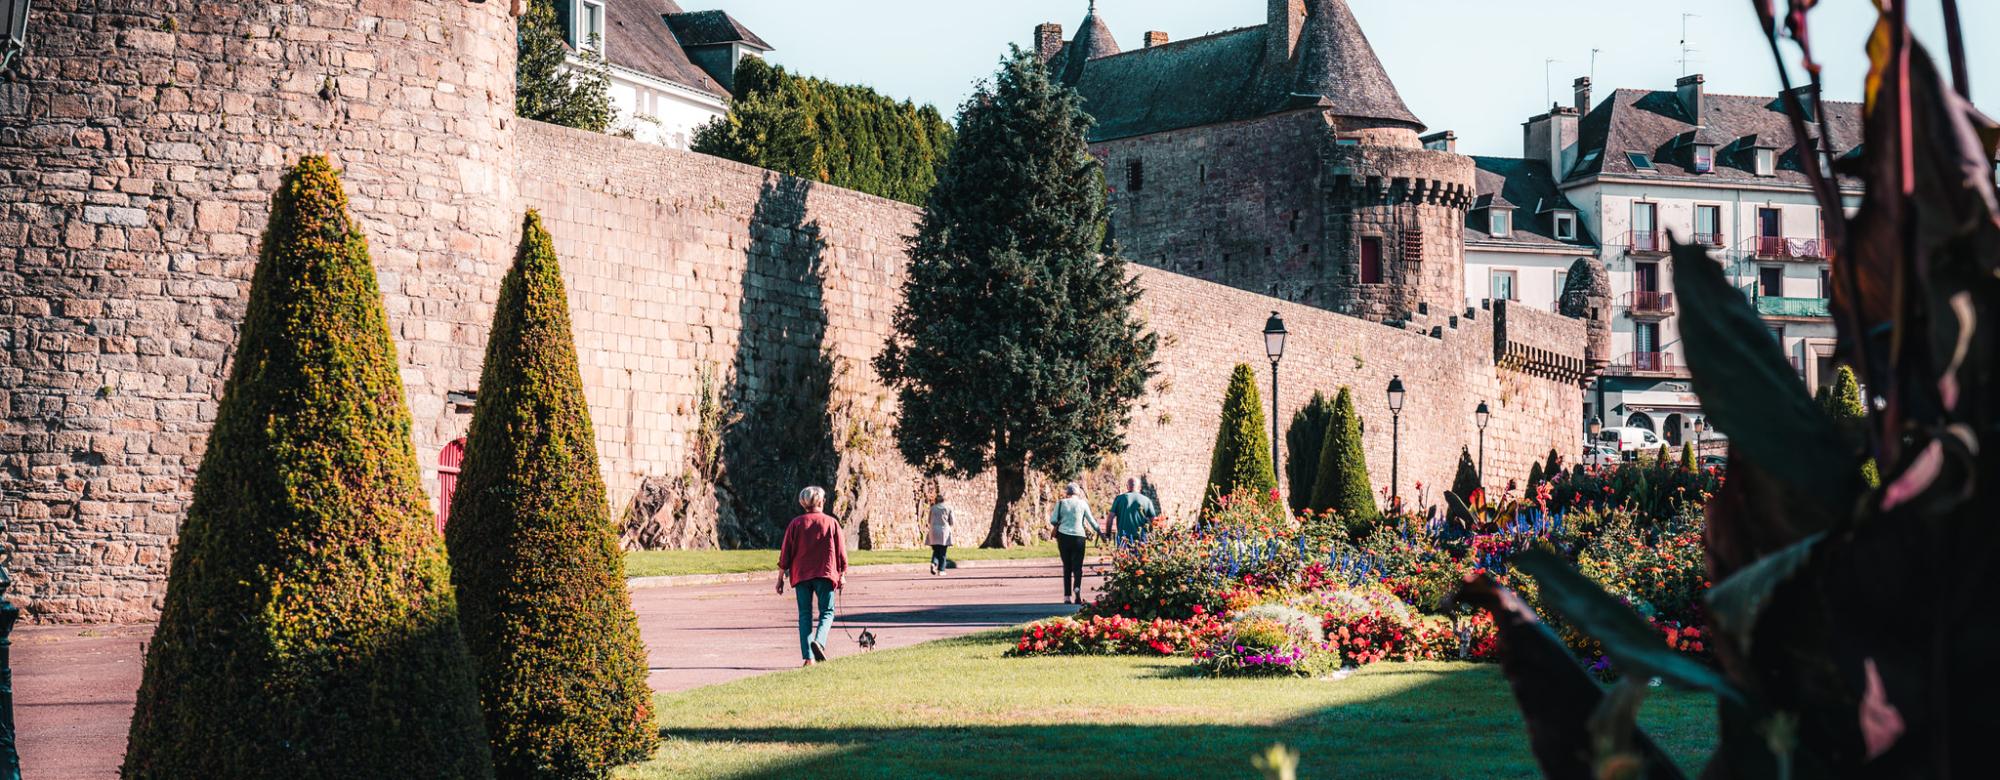 Jardins et Les remparts de la ville d'Hennebont